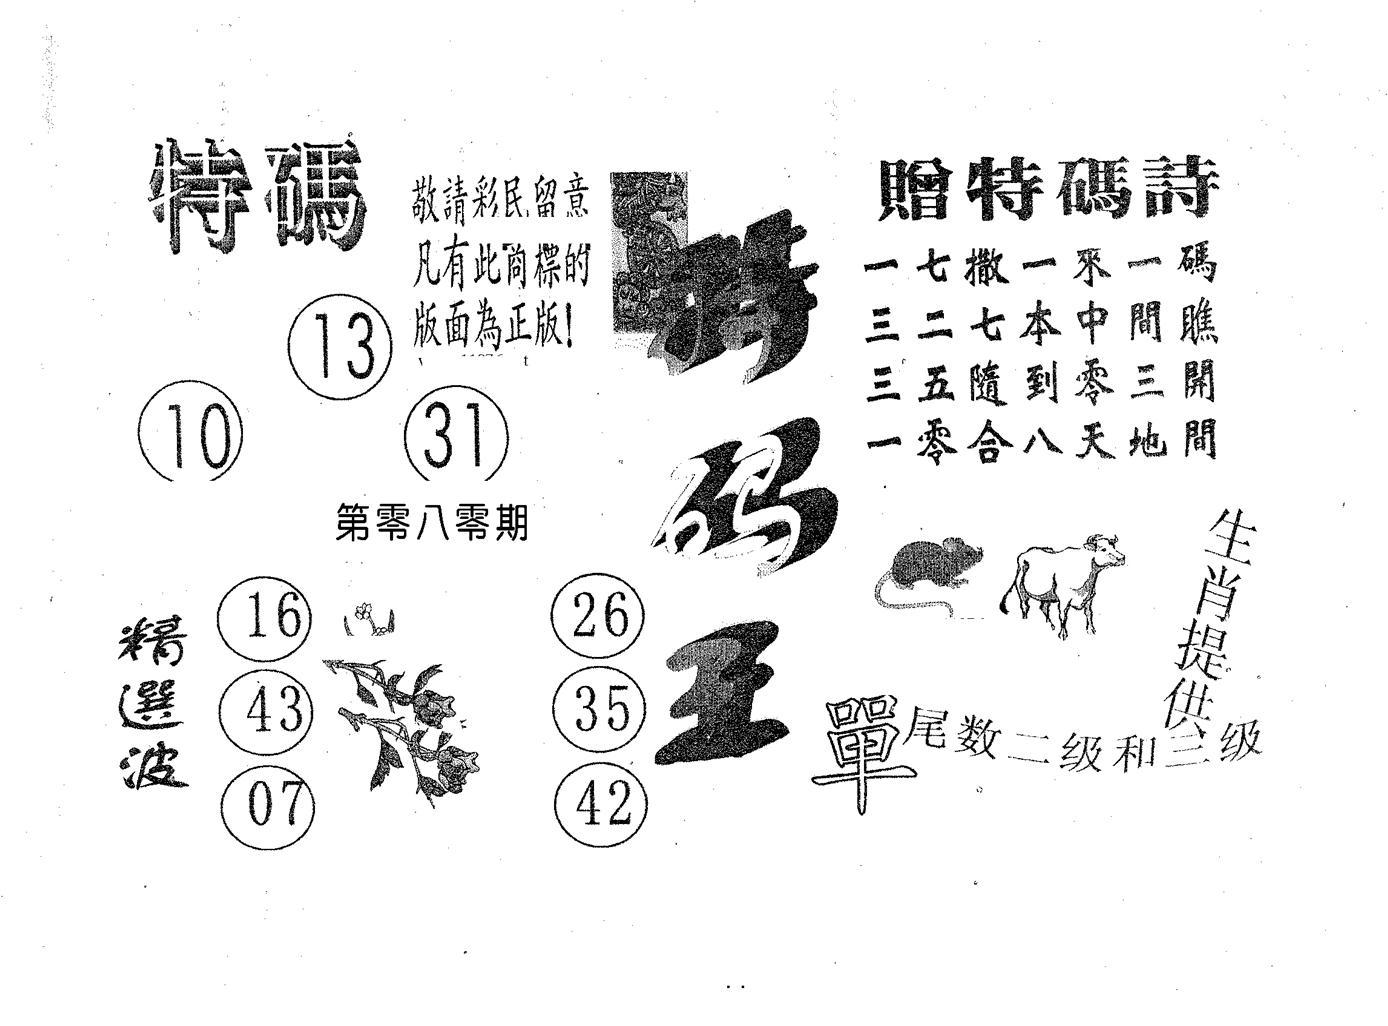 080期特码王A(黑白)